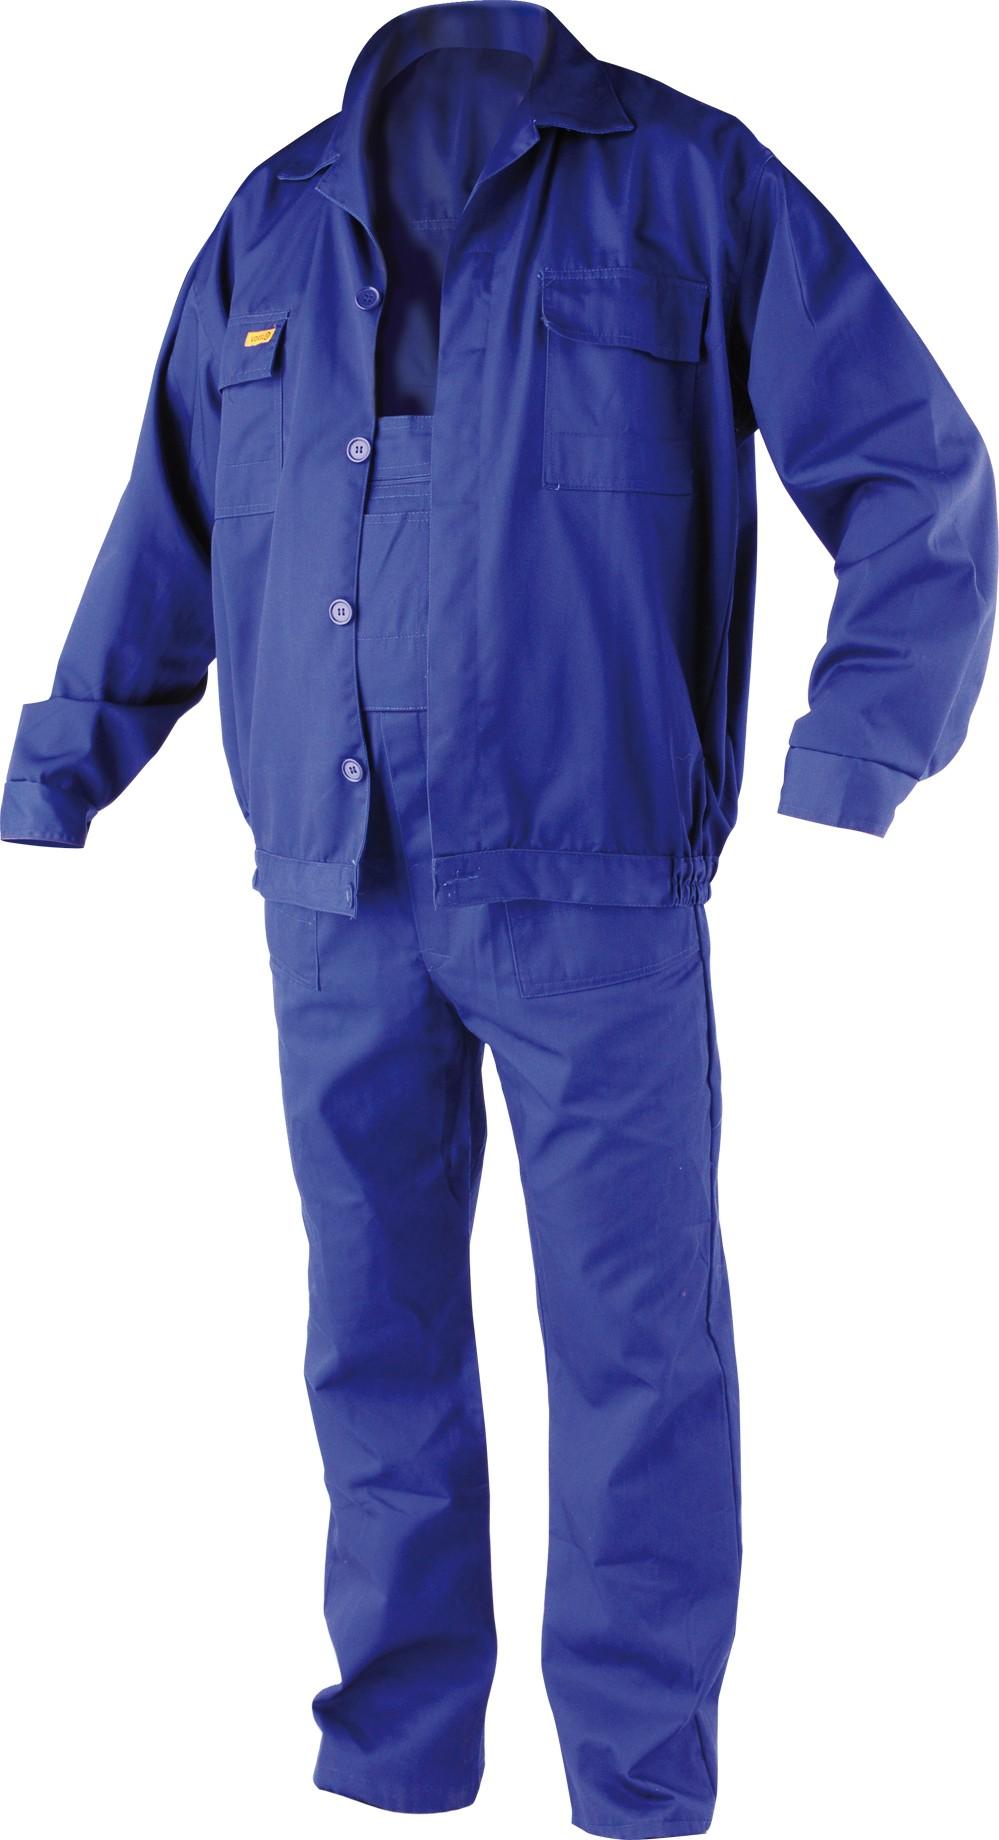 Pracovní oděv, kalhoty s laclem, blůza ERBO vel. M